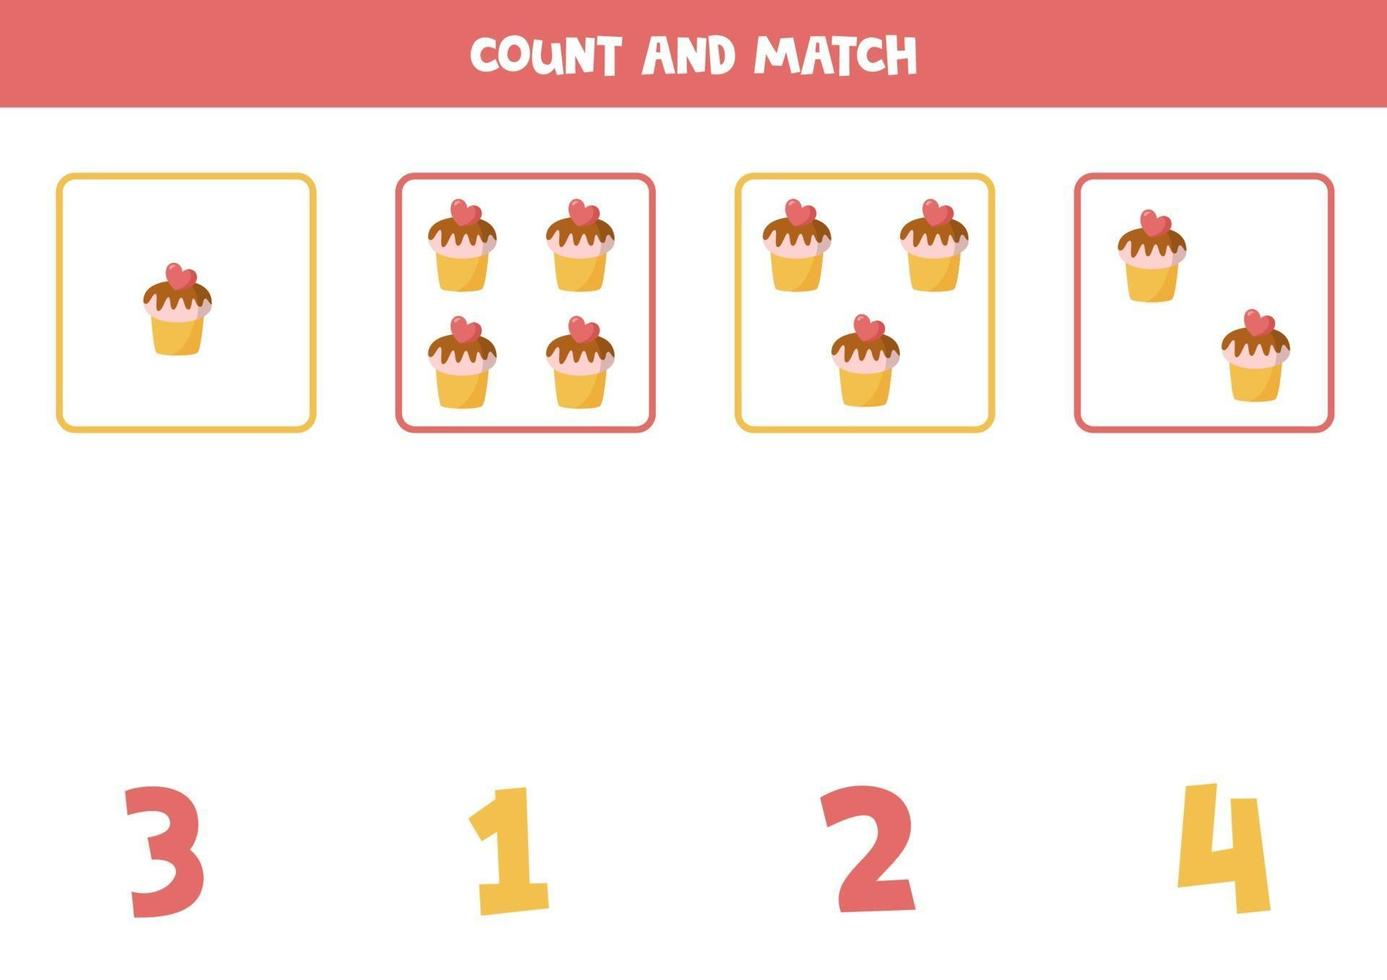 jogo de contagem para crianças. jogo de matemática com cupcakes de desenho animado. vetor